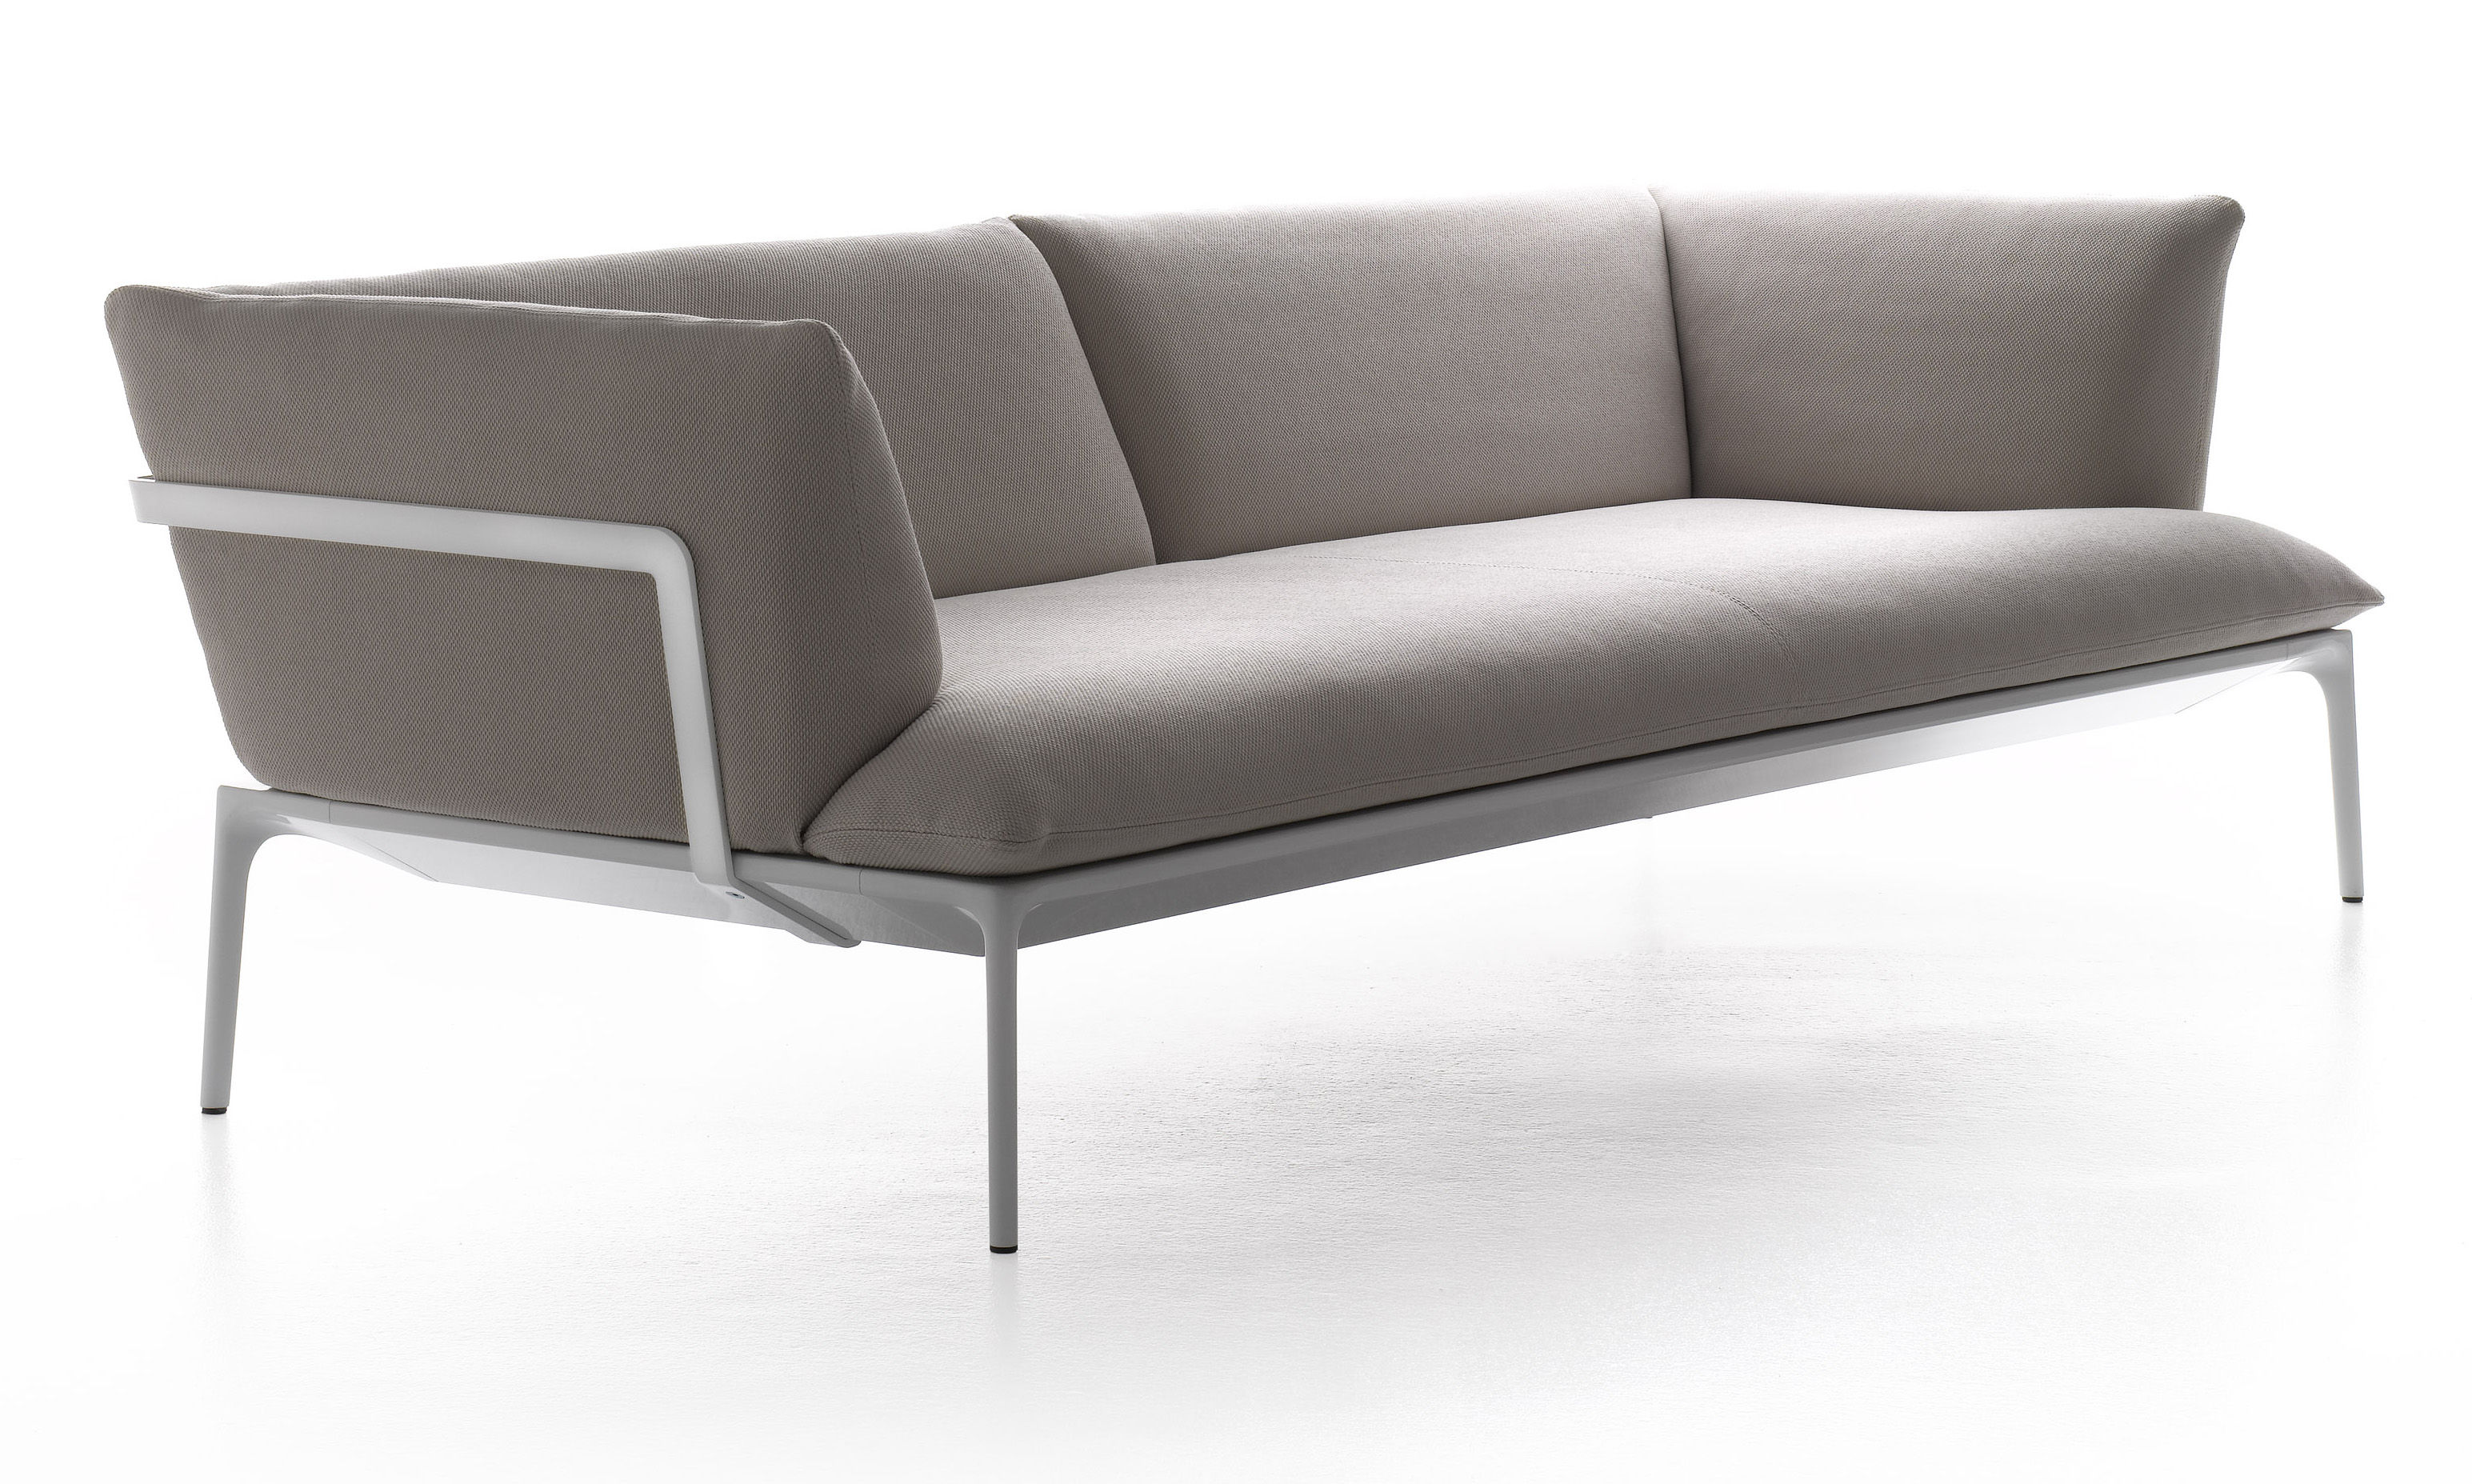 Mobilier - Canapés - Canapé droit Yale / 3 places - L 220 cm - MDF Italia - Beige / Structure blanche - 3 places - Aluminium, Tissu